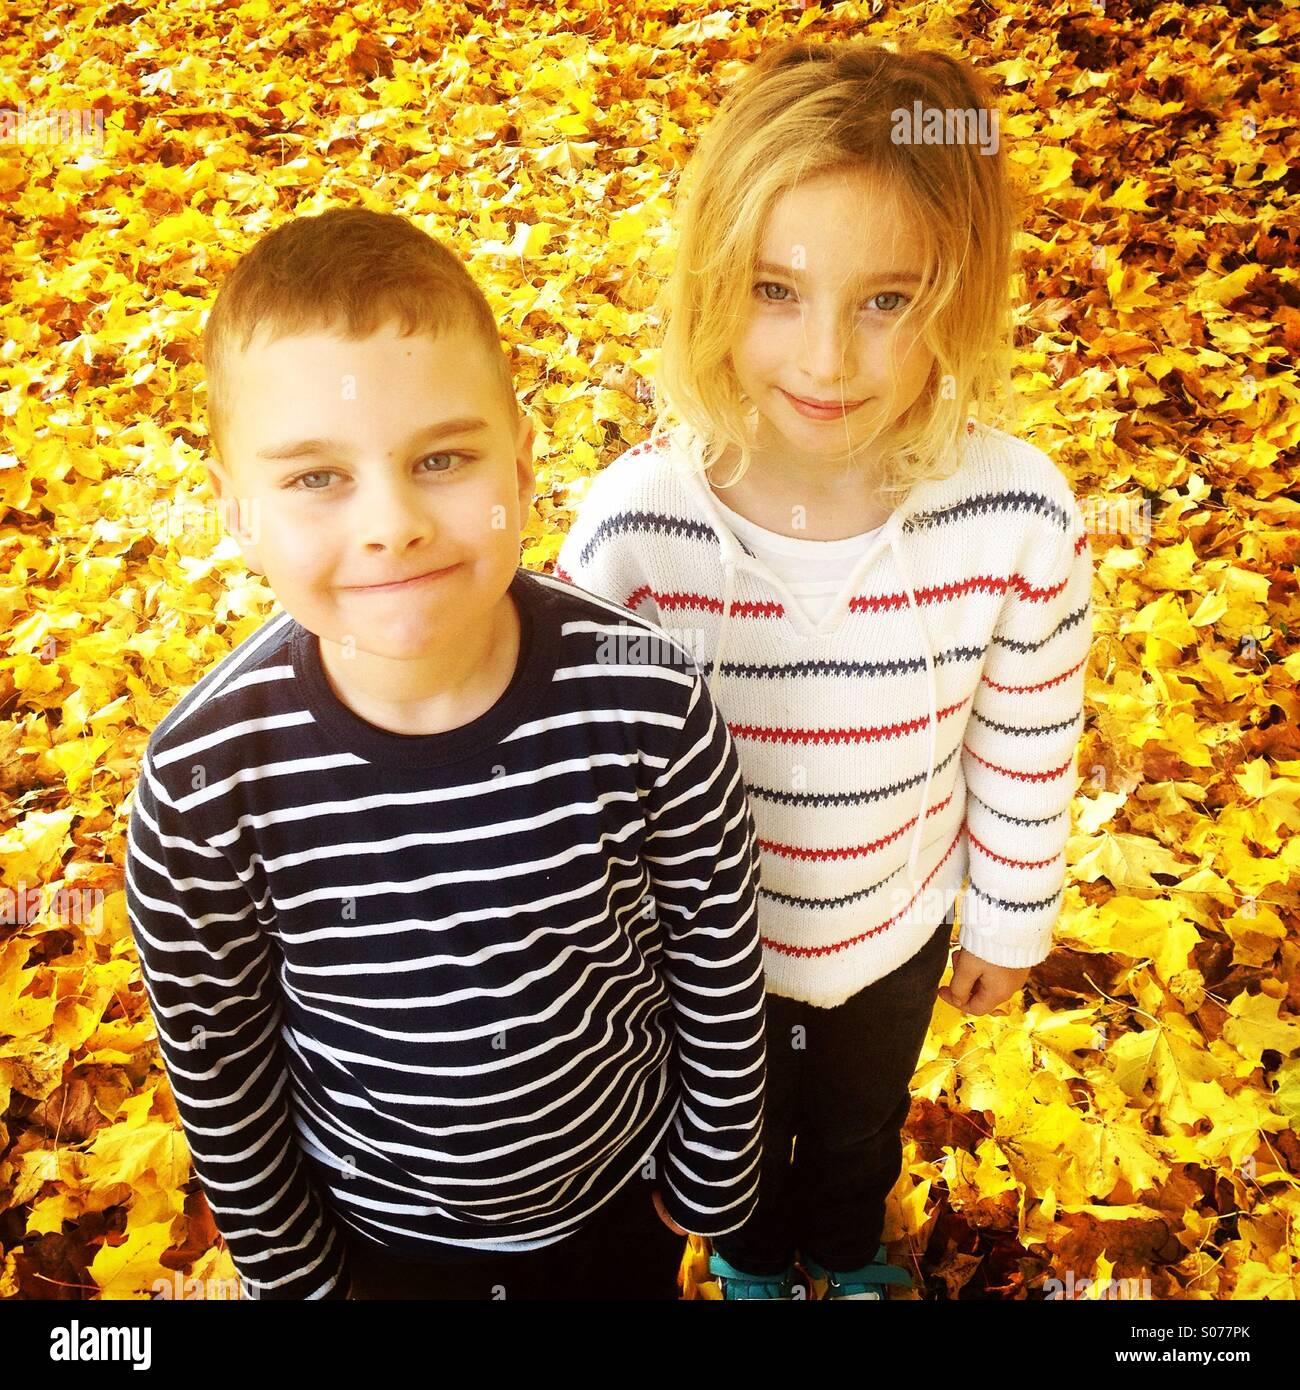 Un simpatico fratello e sorella in un campo di giallo dorato autunno cadono le foglie Immagini Stock